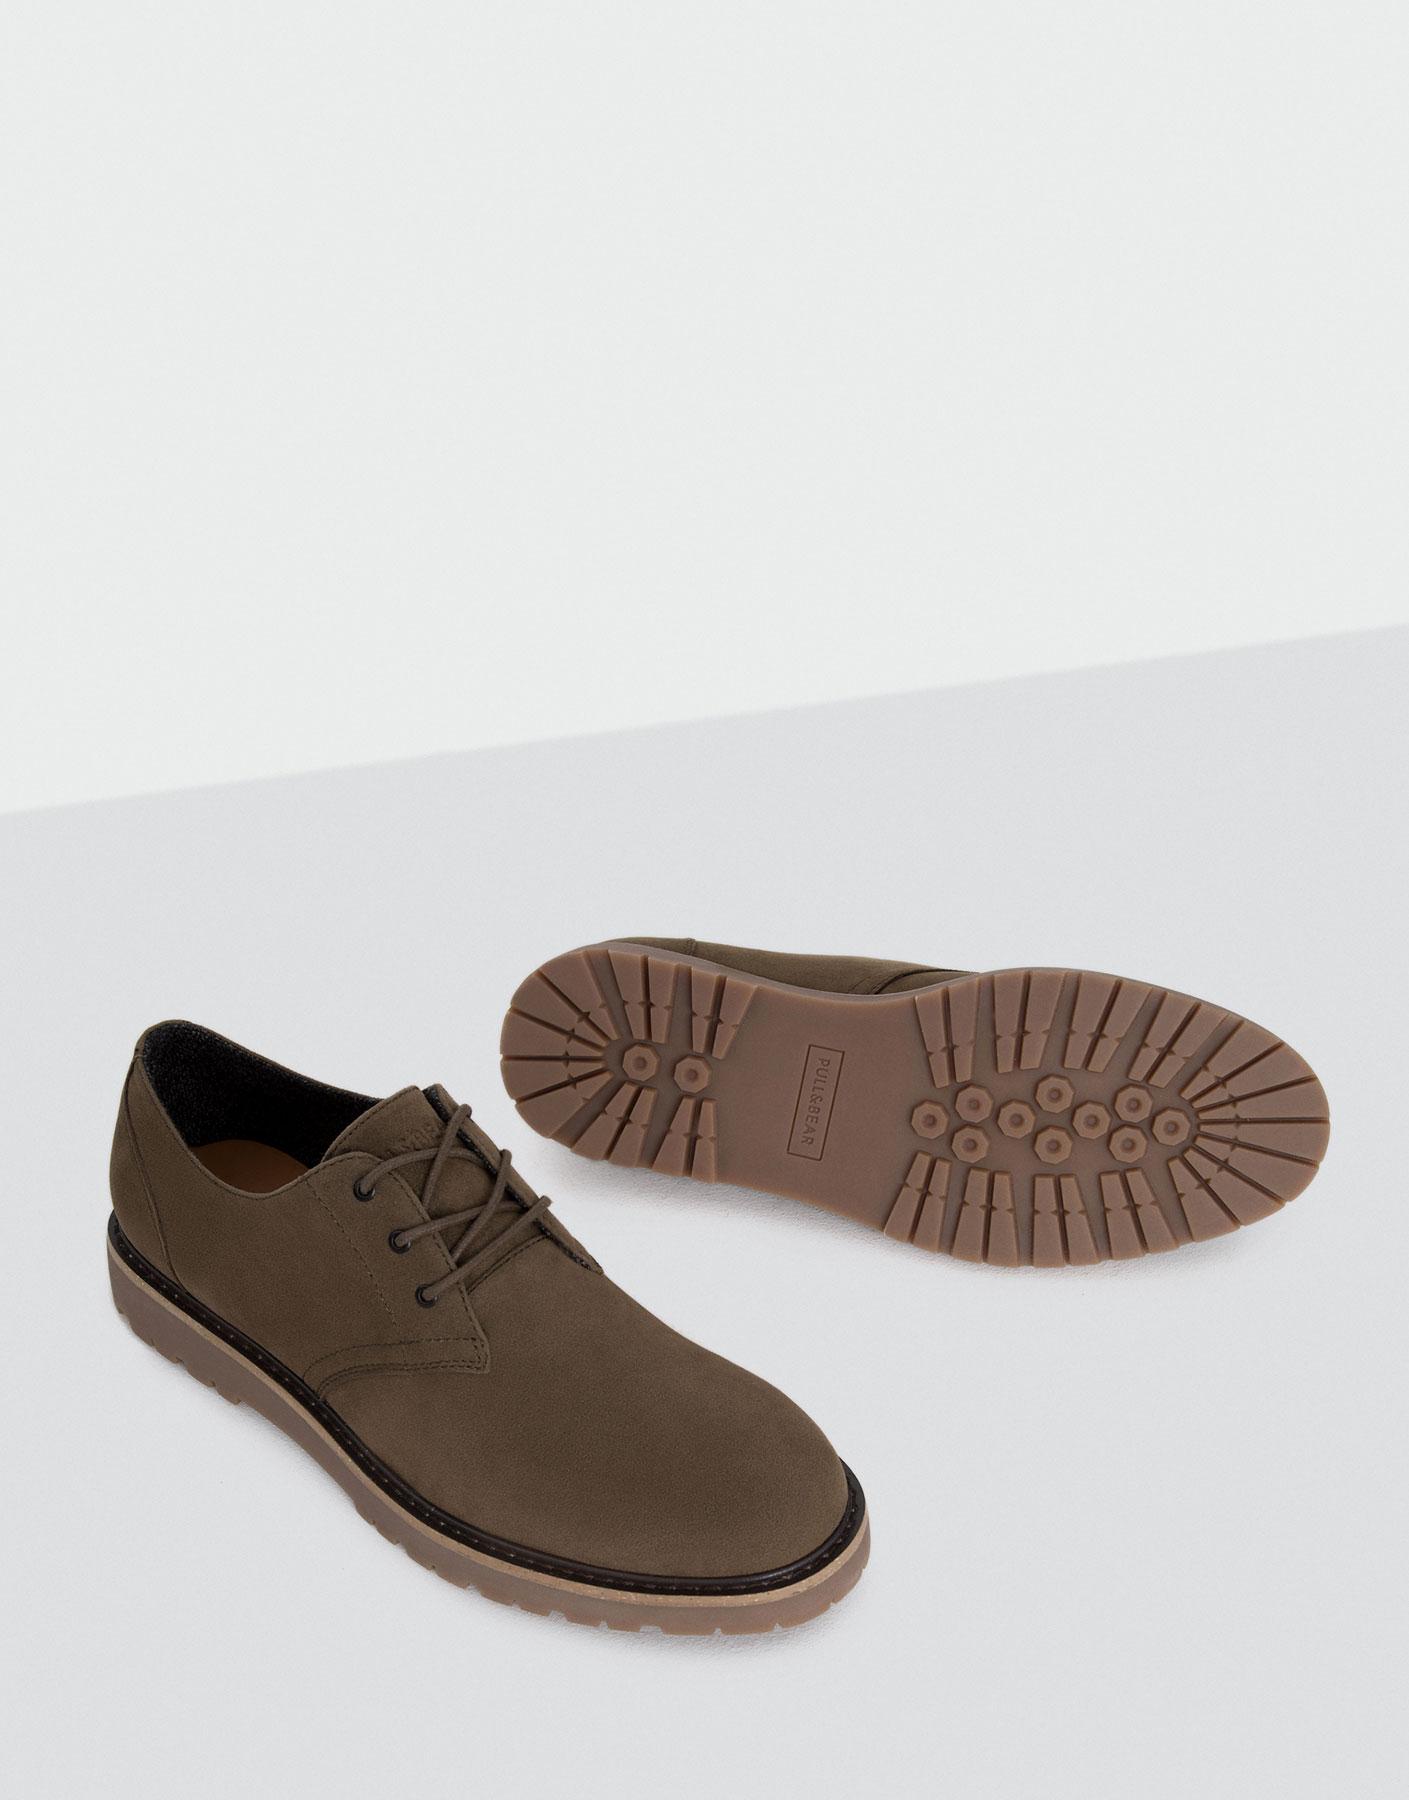 Äärisega moekad kingad